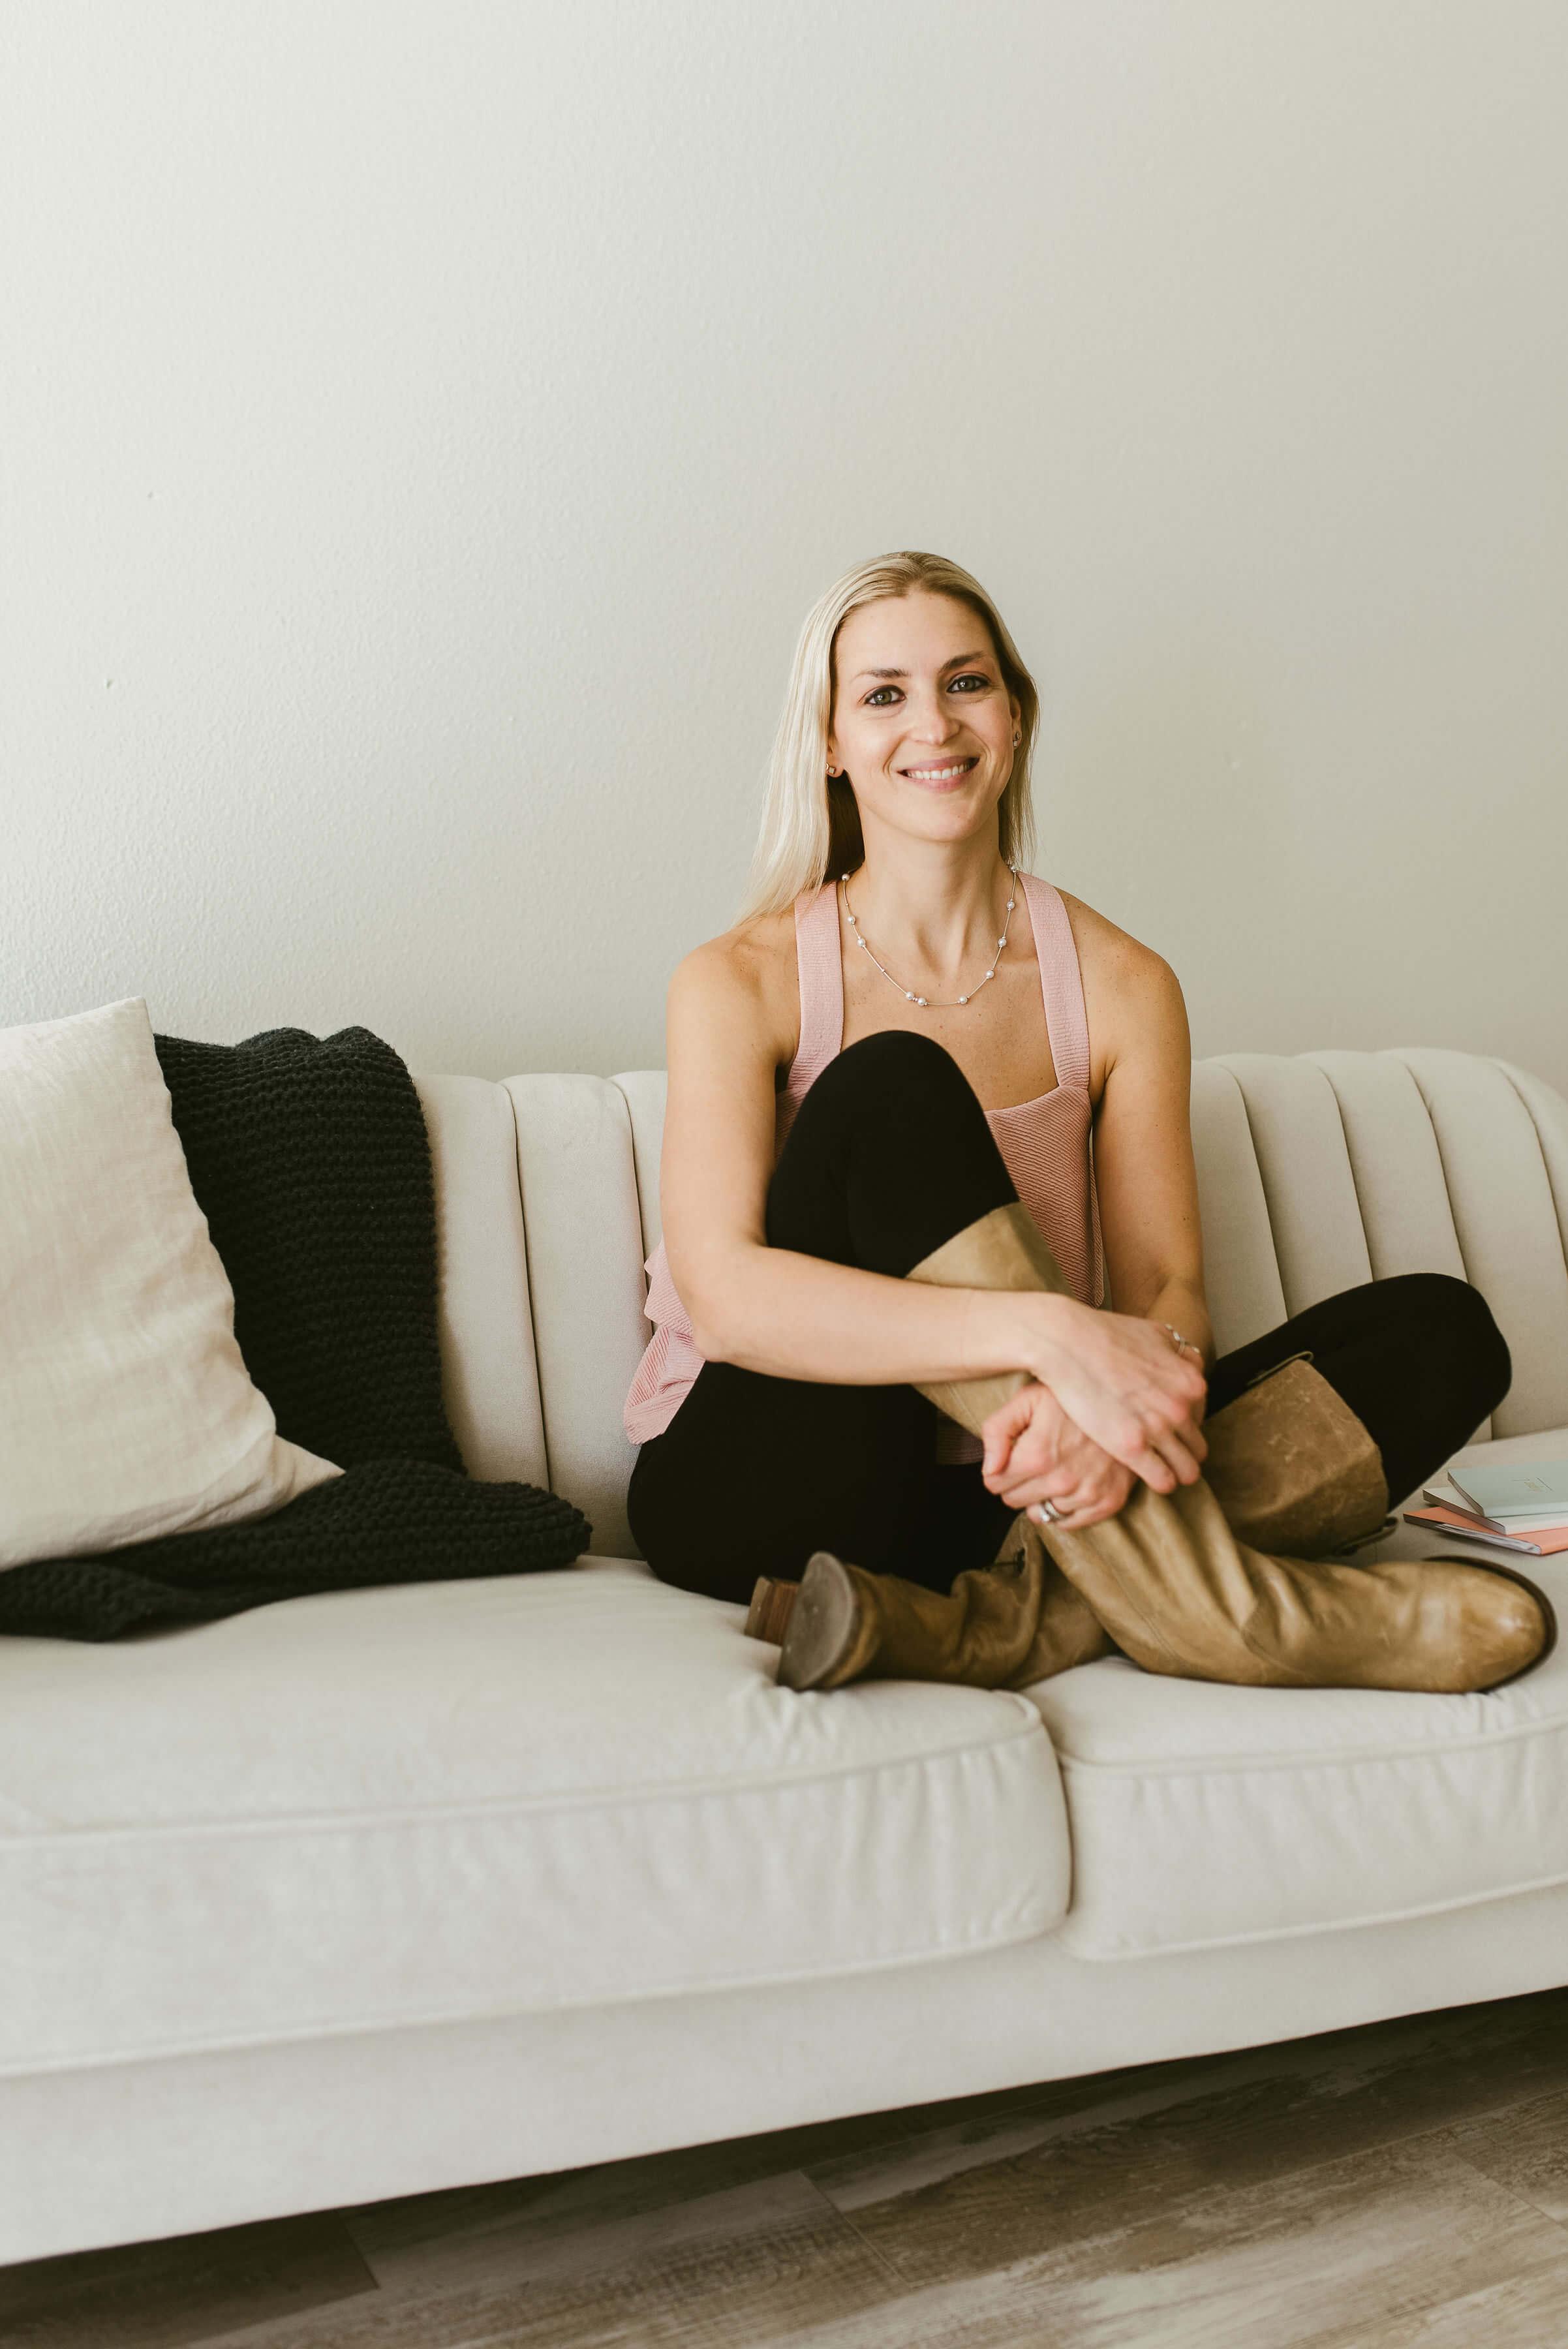 Sarah Kay Hoffman A Gutsy Girl My Story agutsygirl.com #agutsygirl